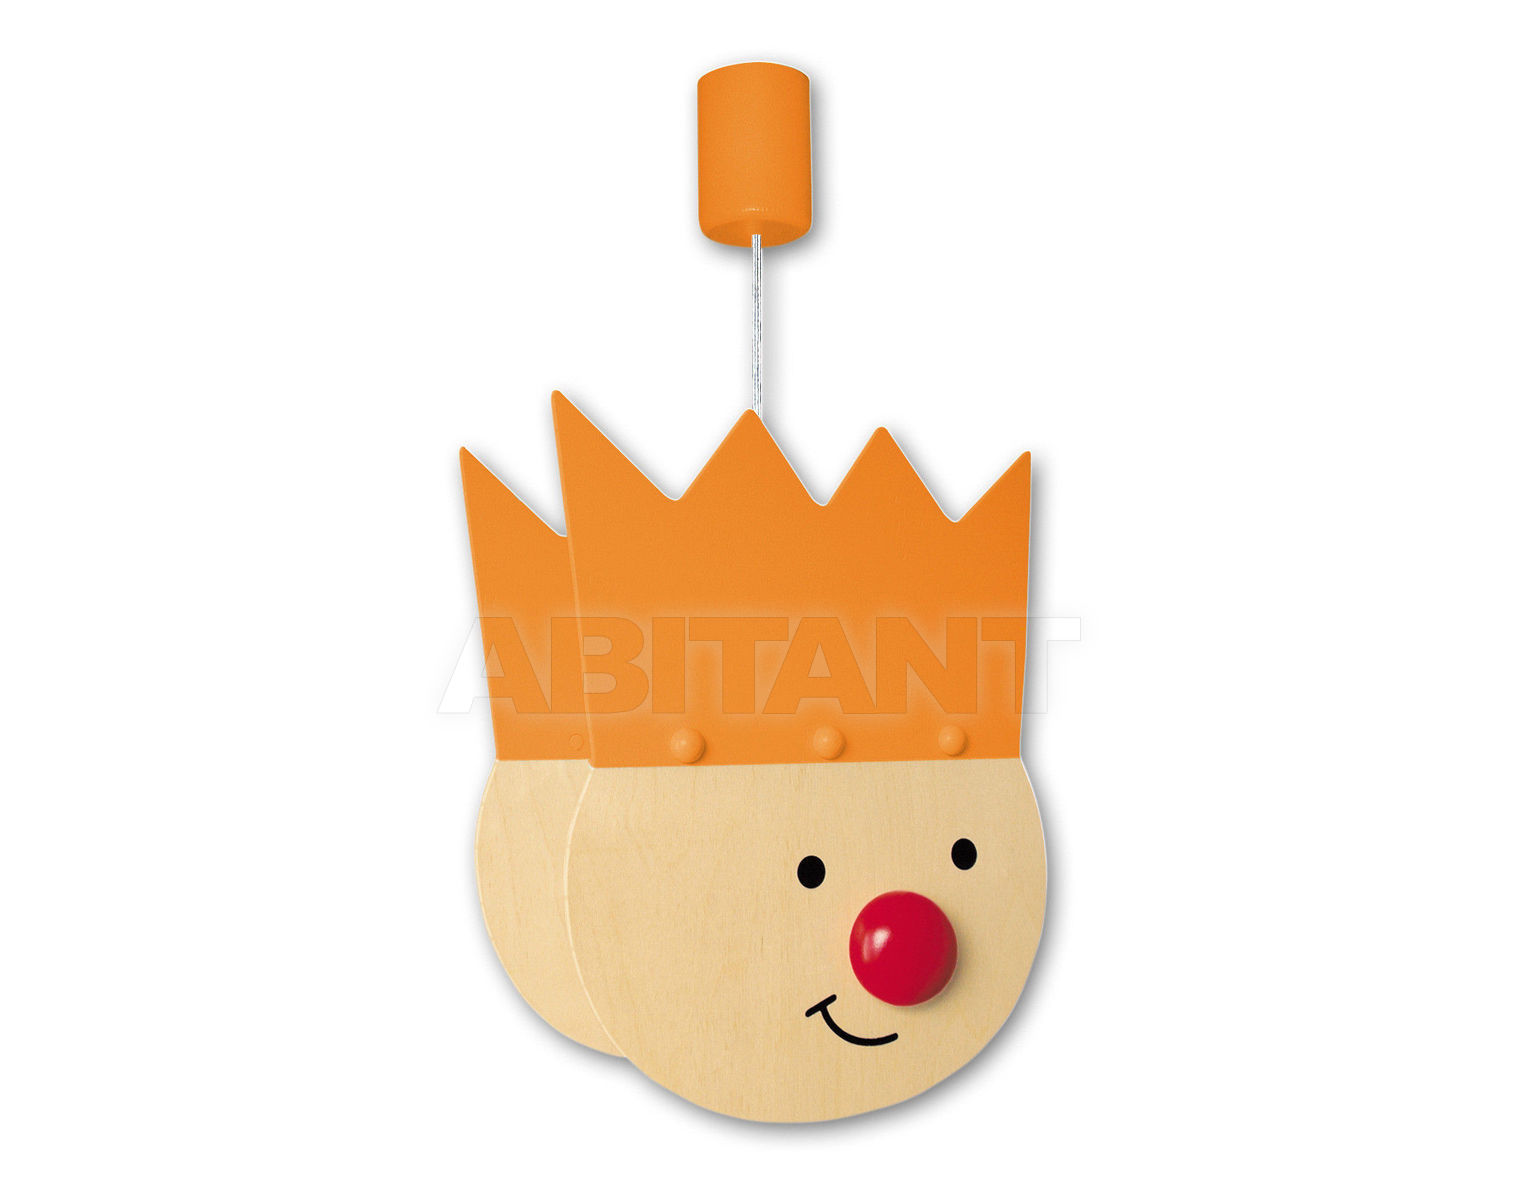 Купить Светильник для детской  Waldi Leuchten Lampen Fur Kinder 2012 65431.0